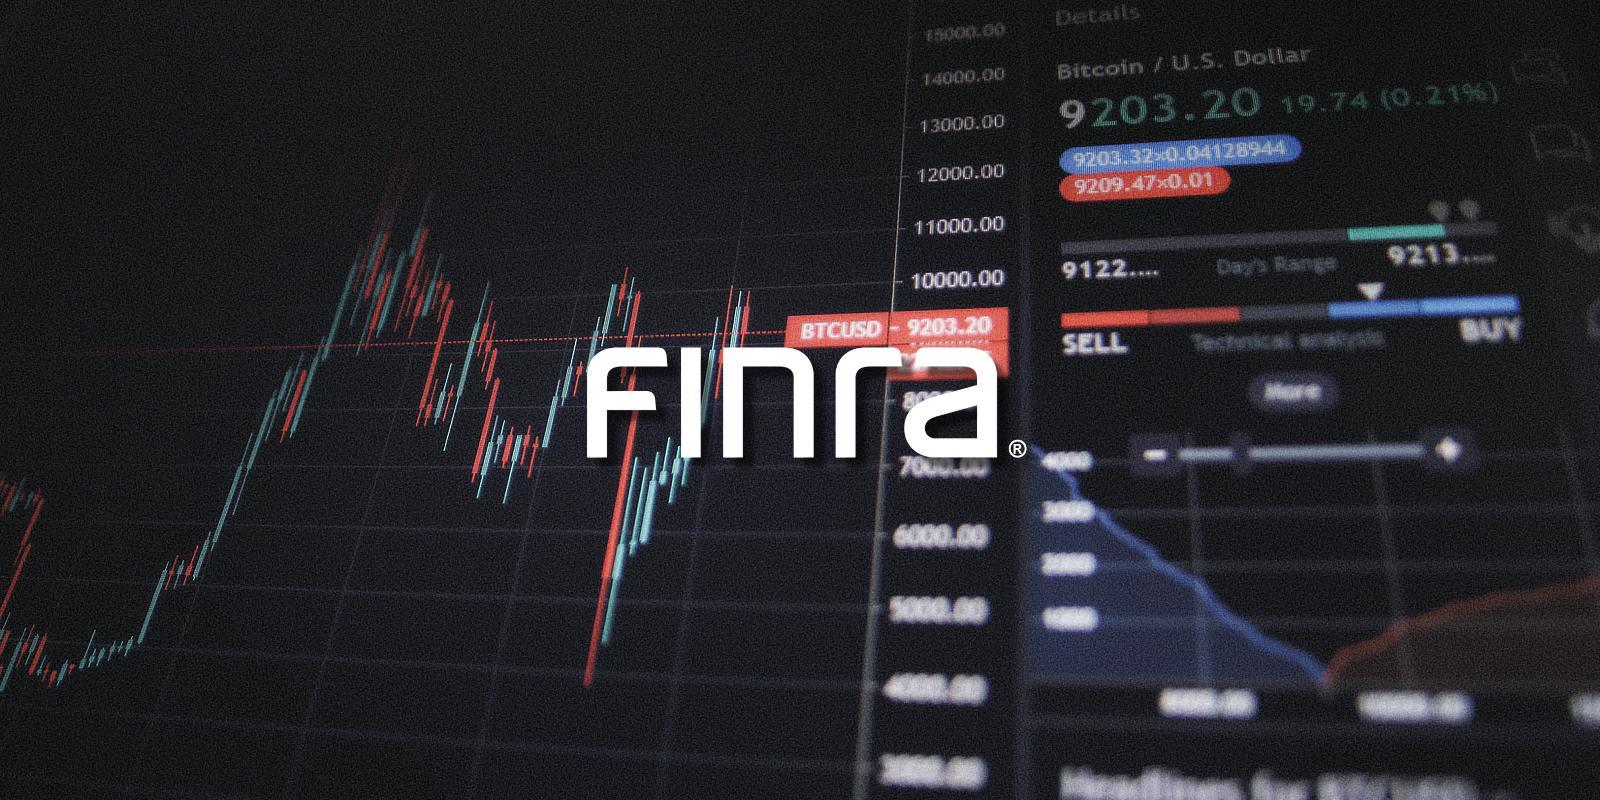 El phishing se dirige a firmas de corretaje estadounidenses que utilizan un dominio similar a FINRA